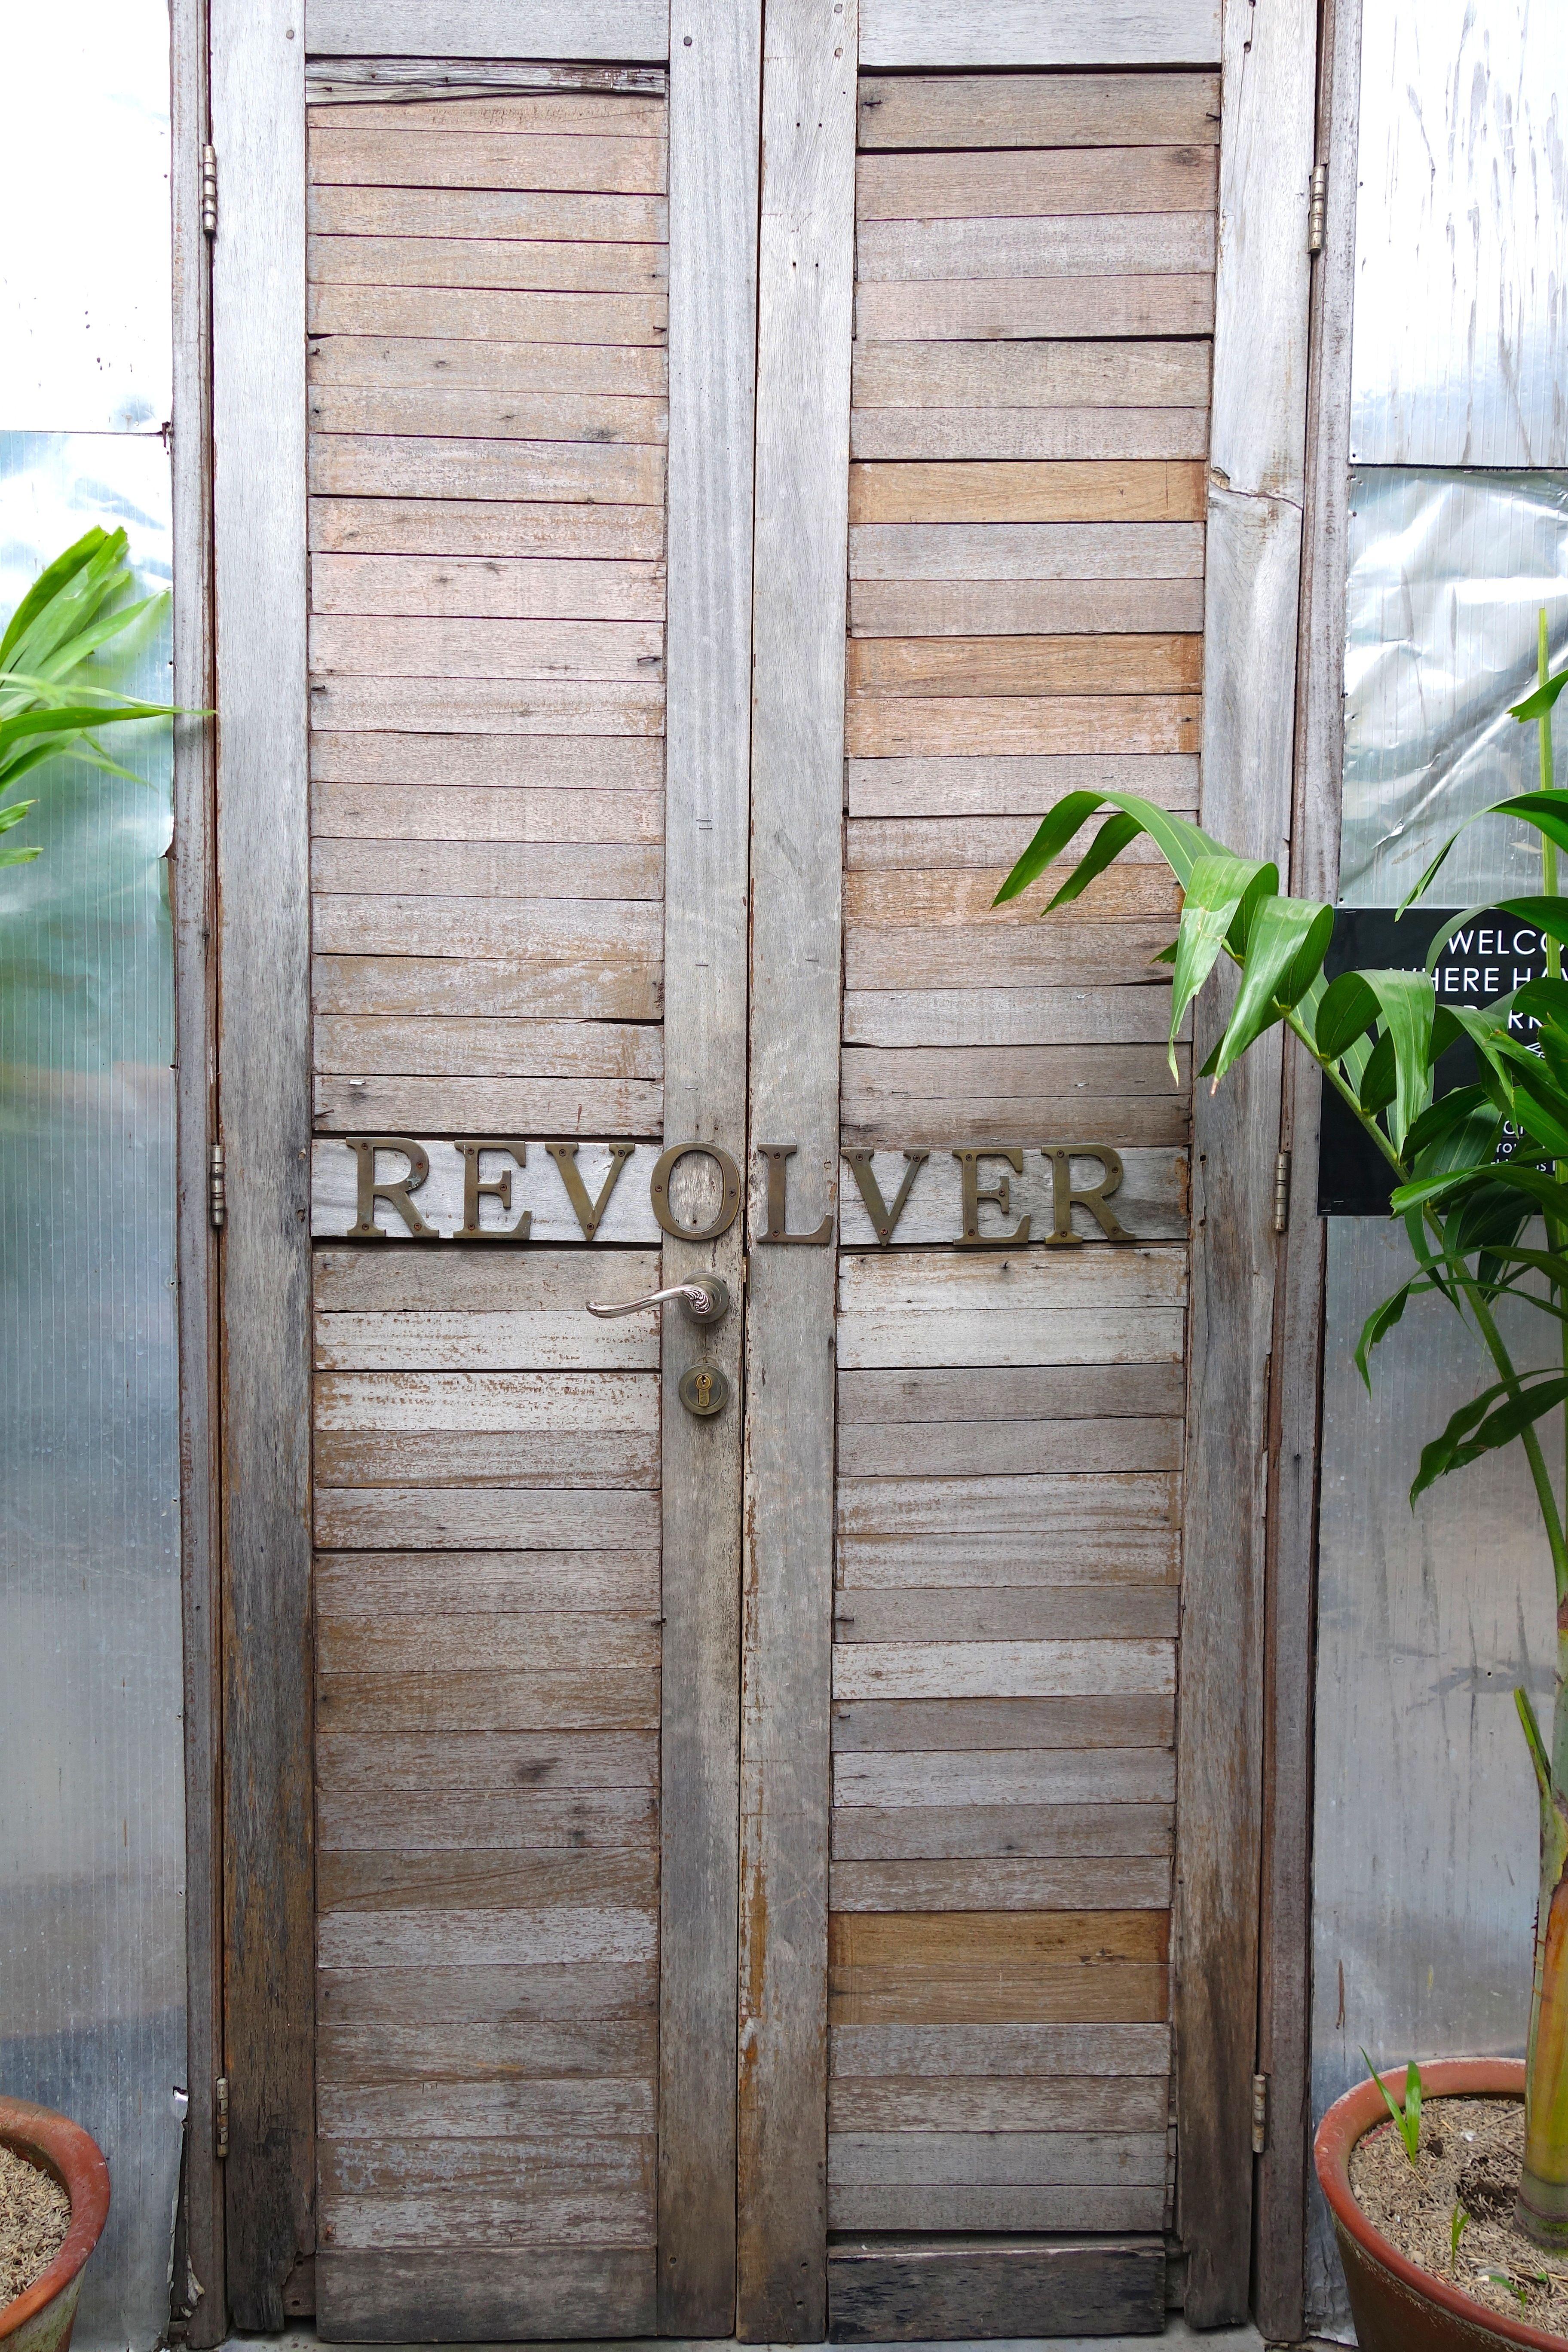 The best coffee in Seminyak is behind this door. Simply